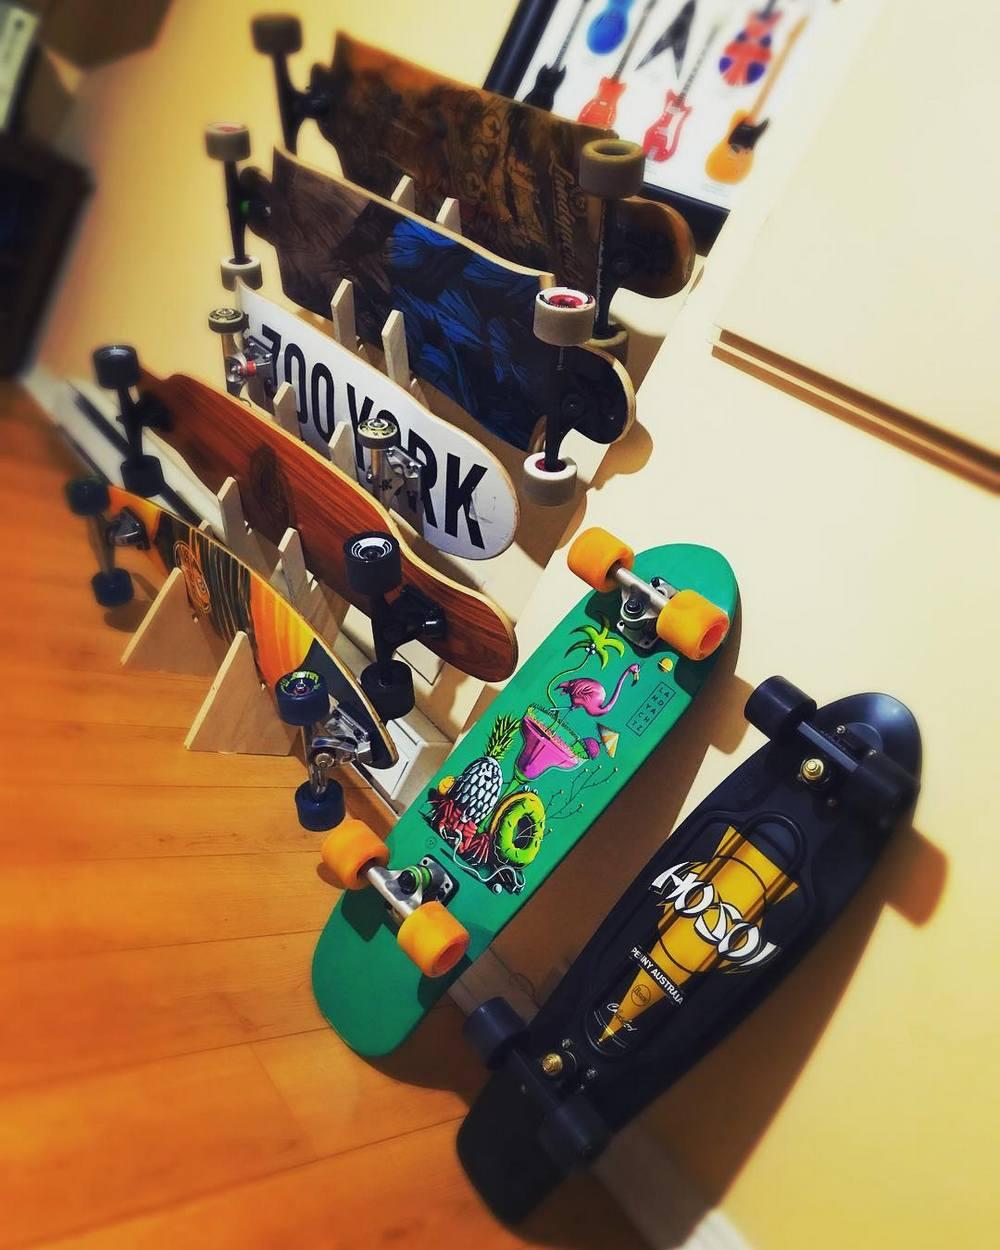 Penny Board Vs Skateboard